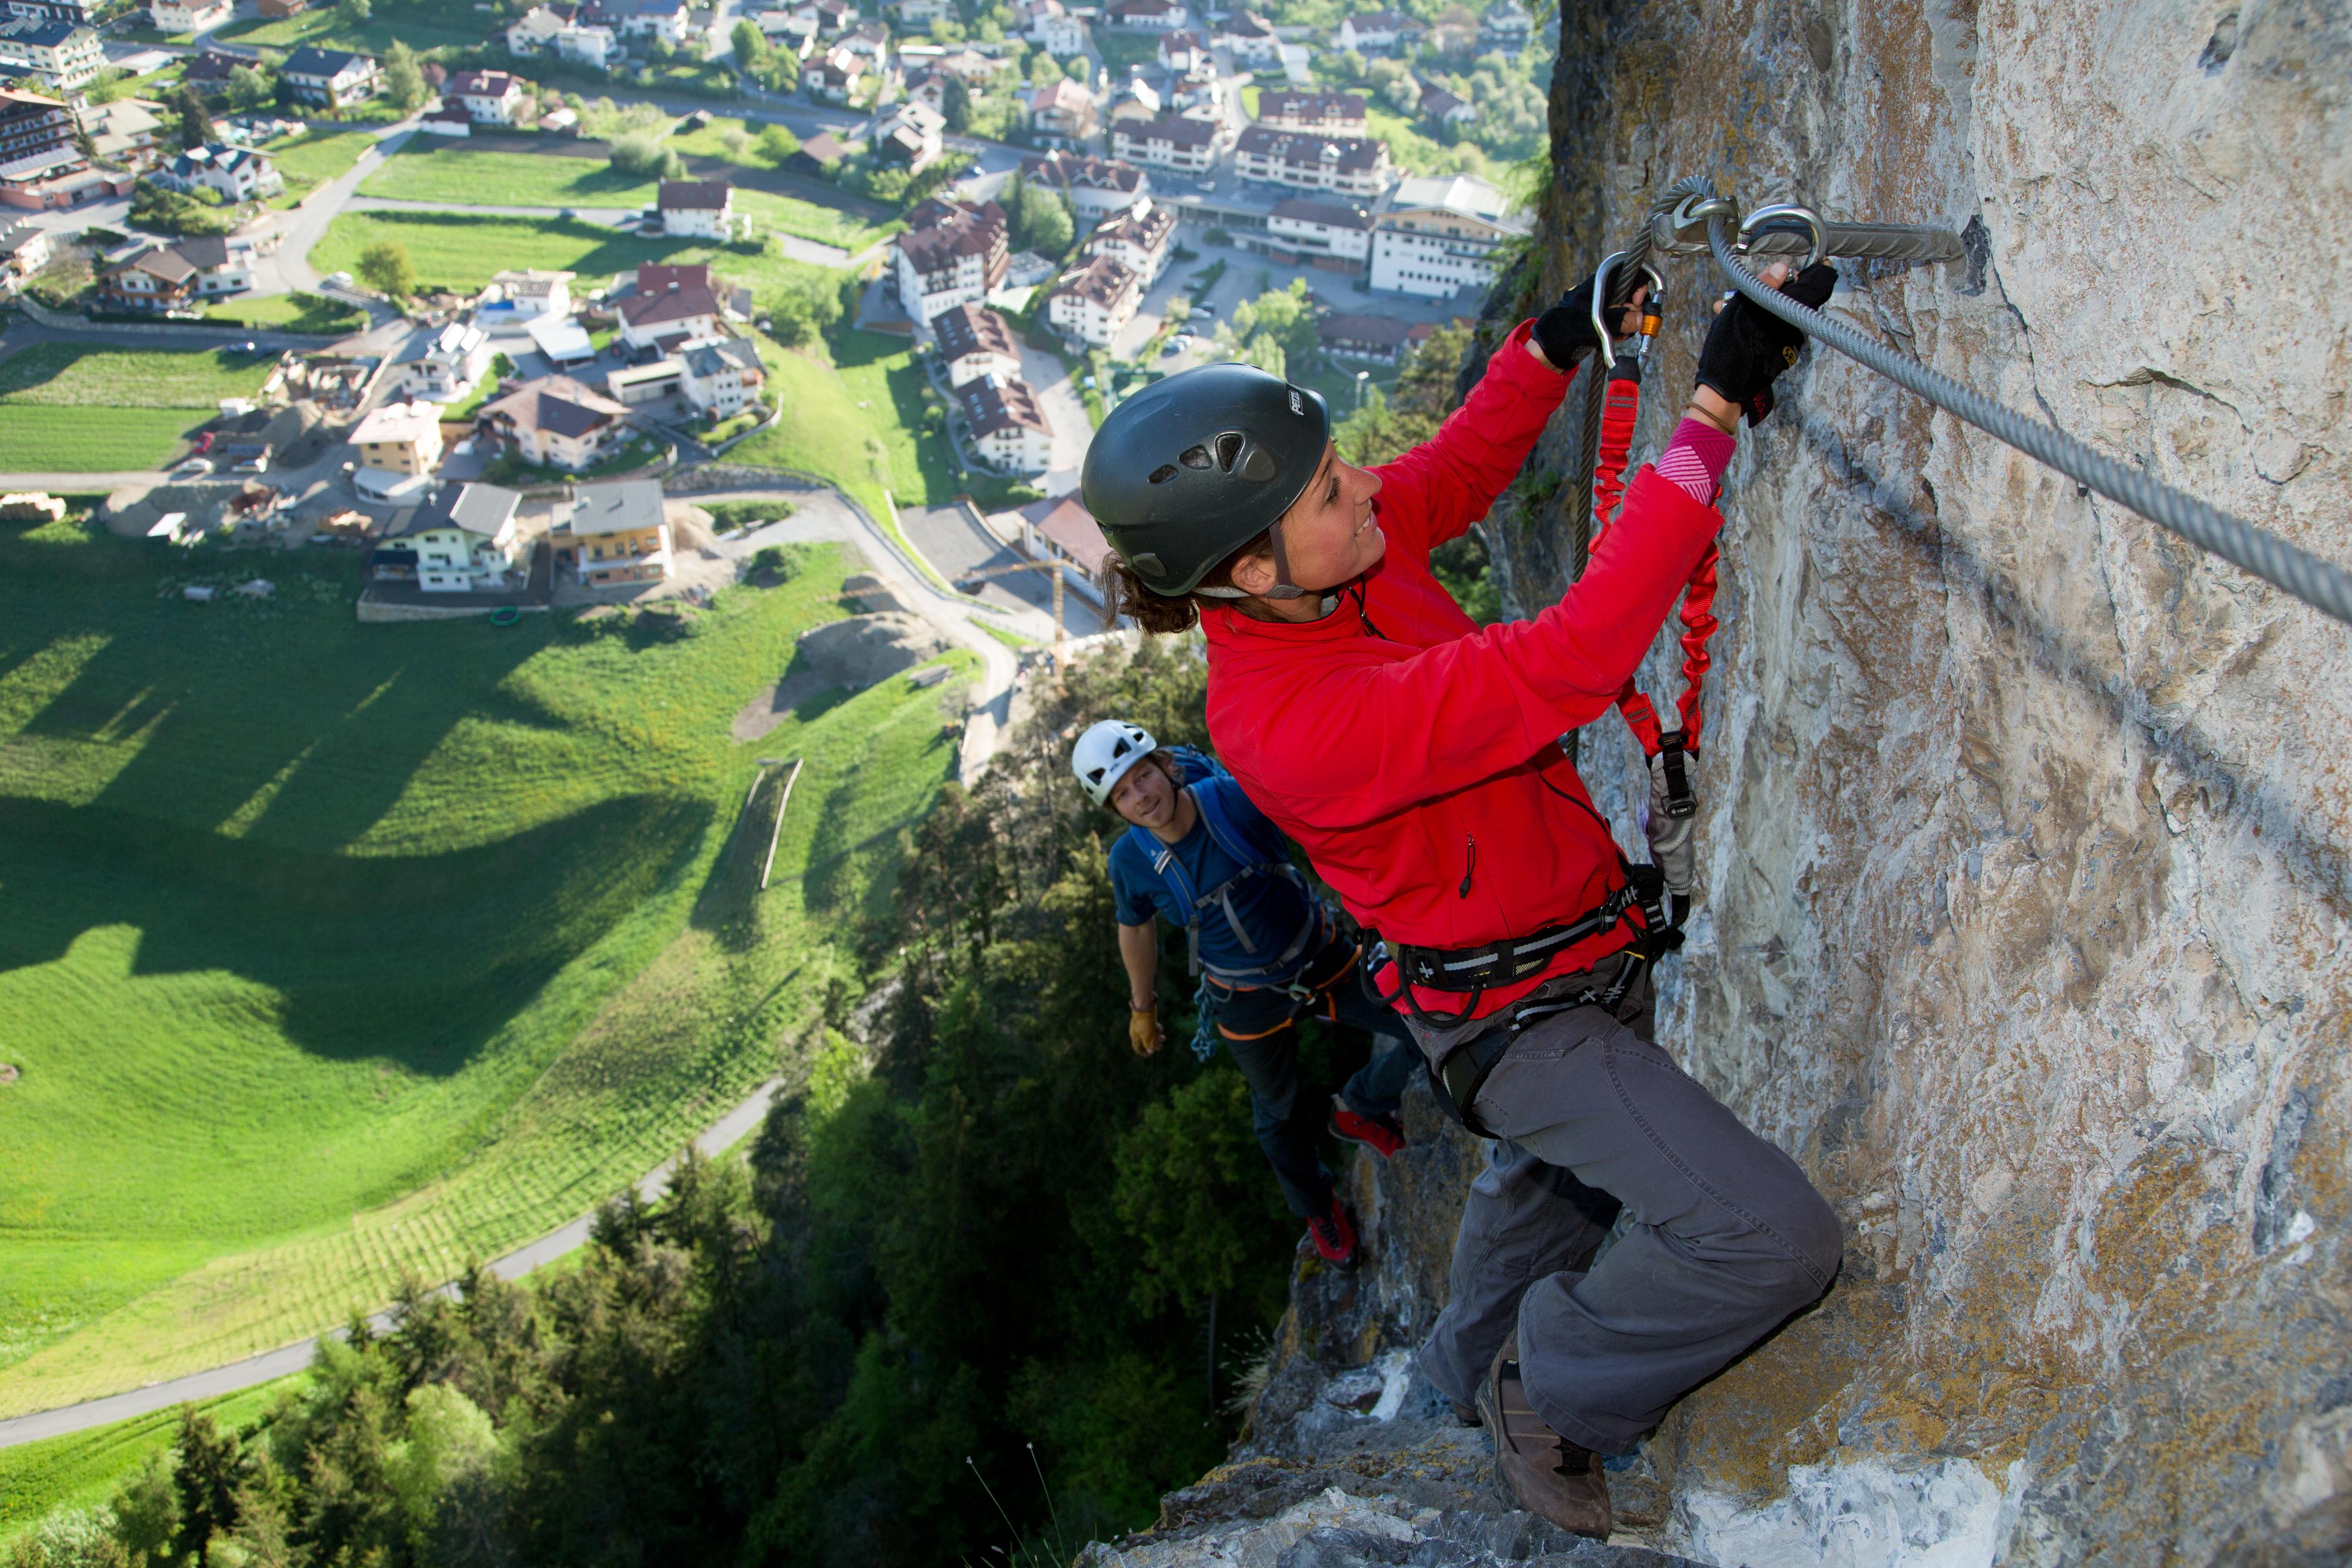 Klettersteig Pitztal : Steinwand klettersteig bei arzl pitztal tirol oesterreich.